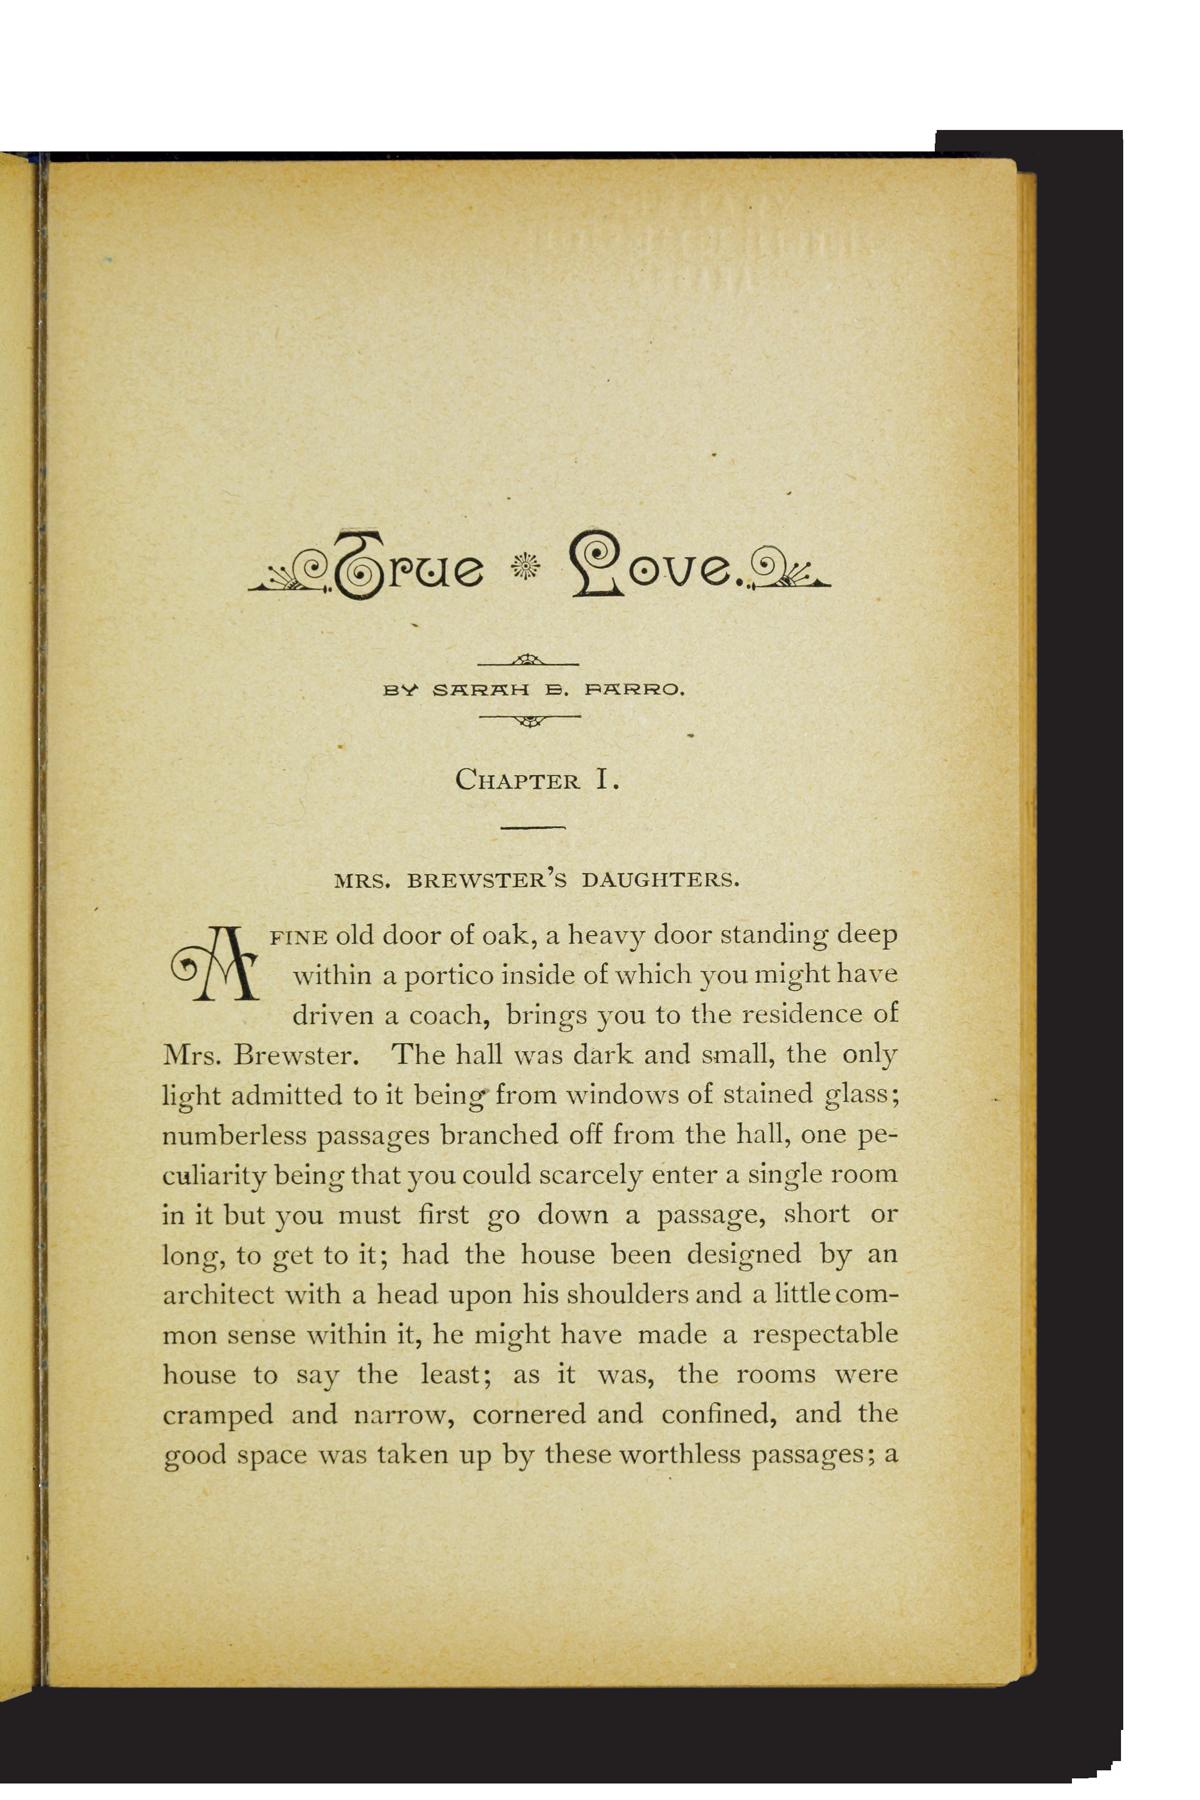 True Love book page Sarah E. Farro